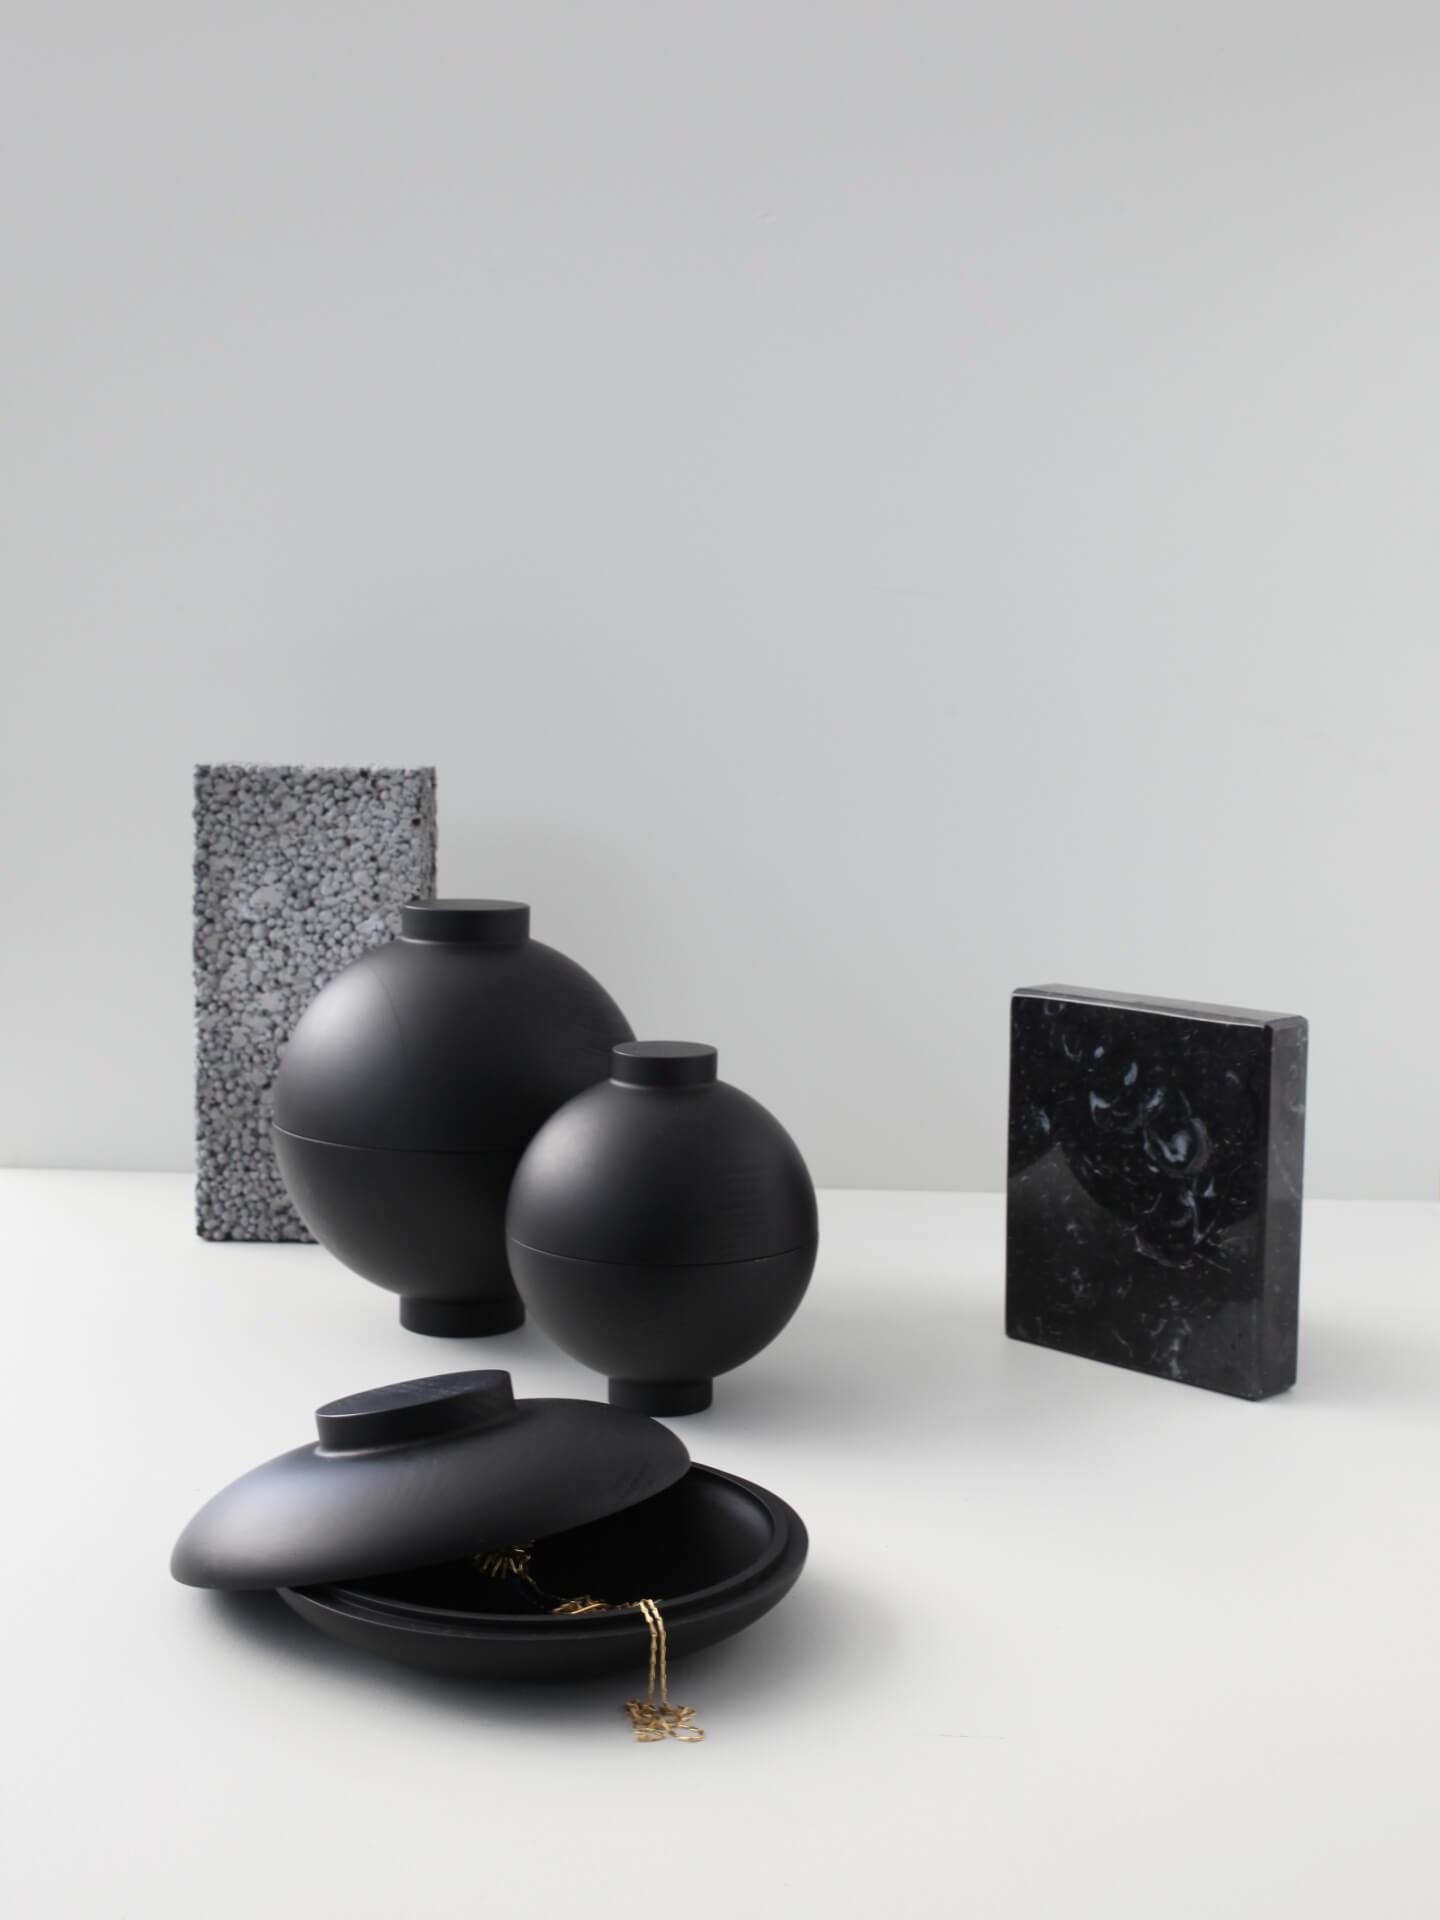 Miljøbilde Wooden Sphere og Wooden Galaxy fra Kristina Dam. Oppbevaringsboks i sortmalt tre. Samling med grå bakgrunn.